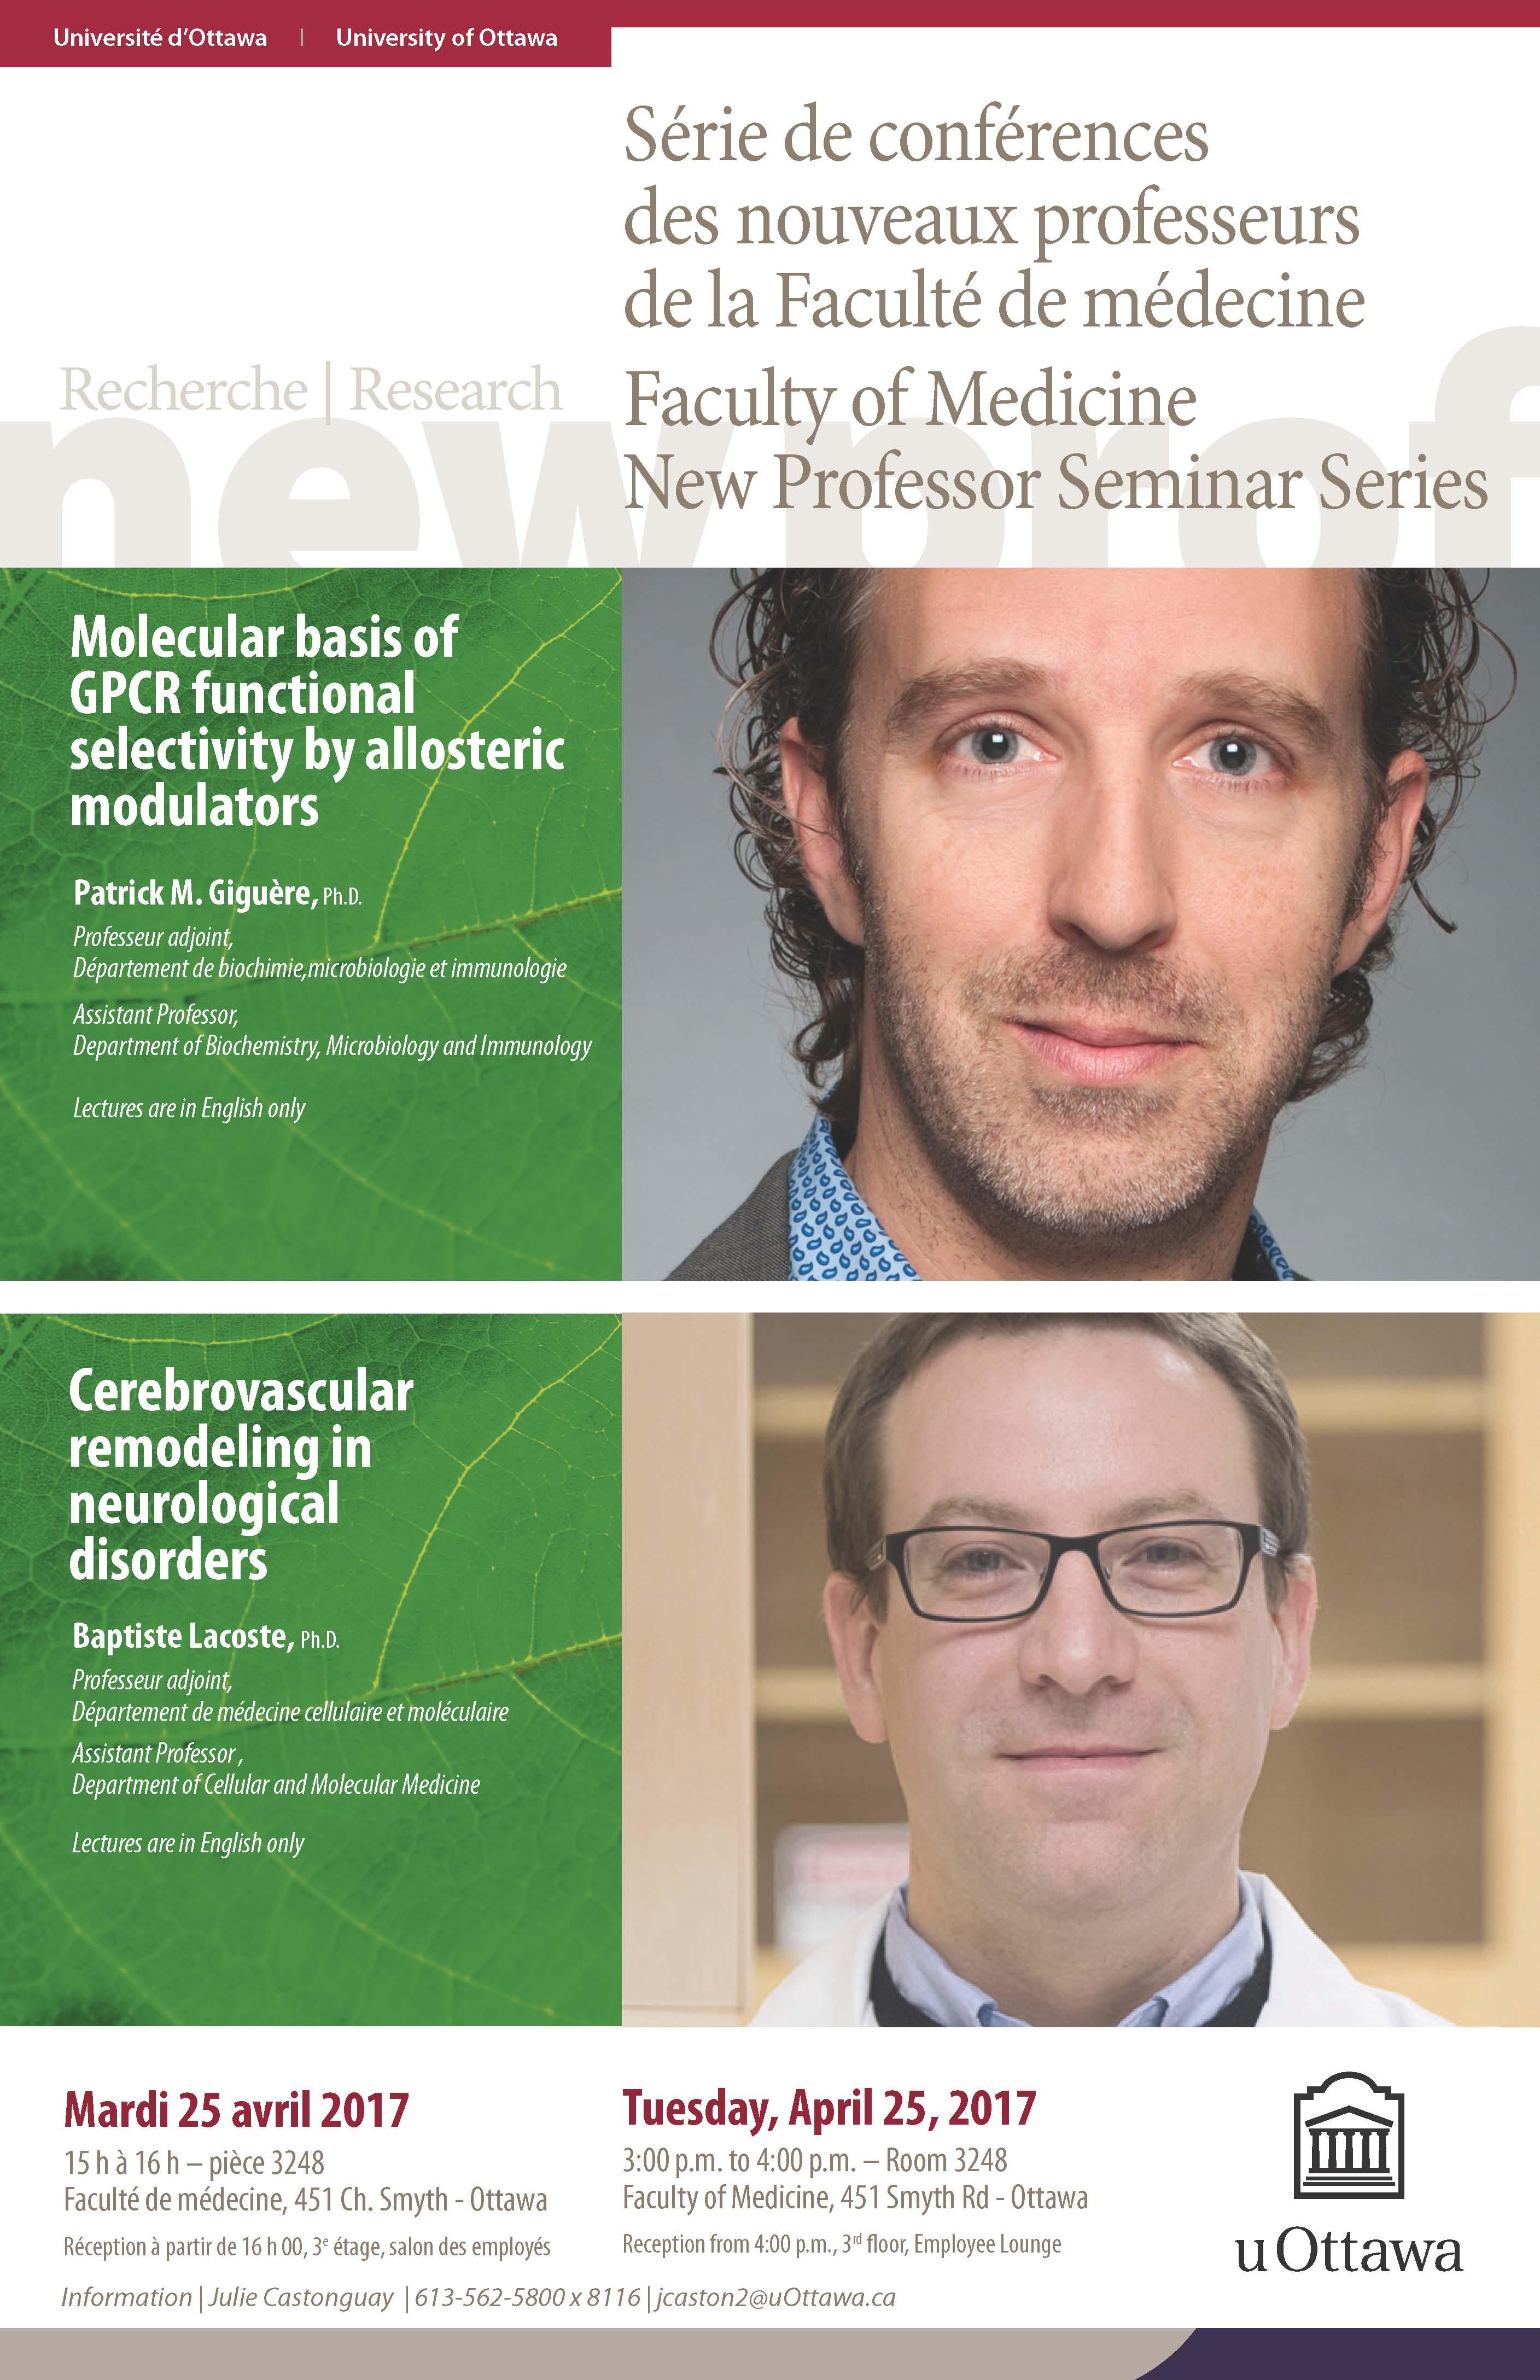 April 25th New Professor Seminar